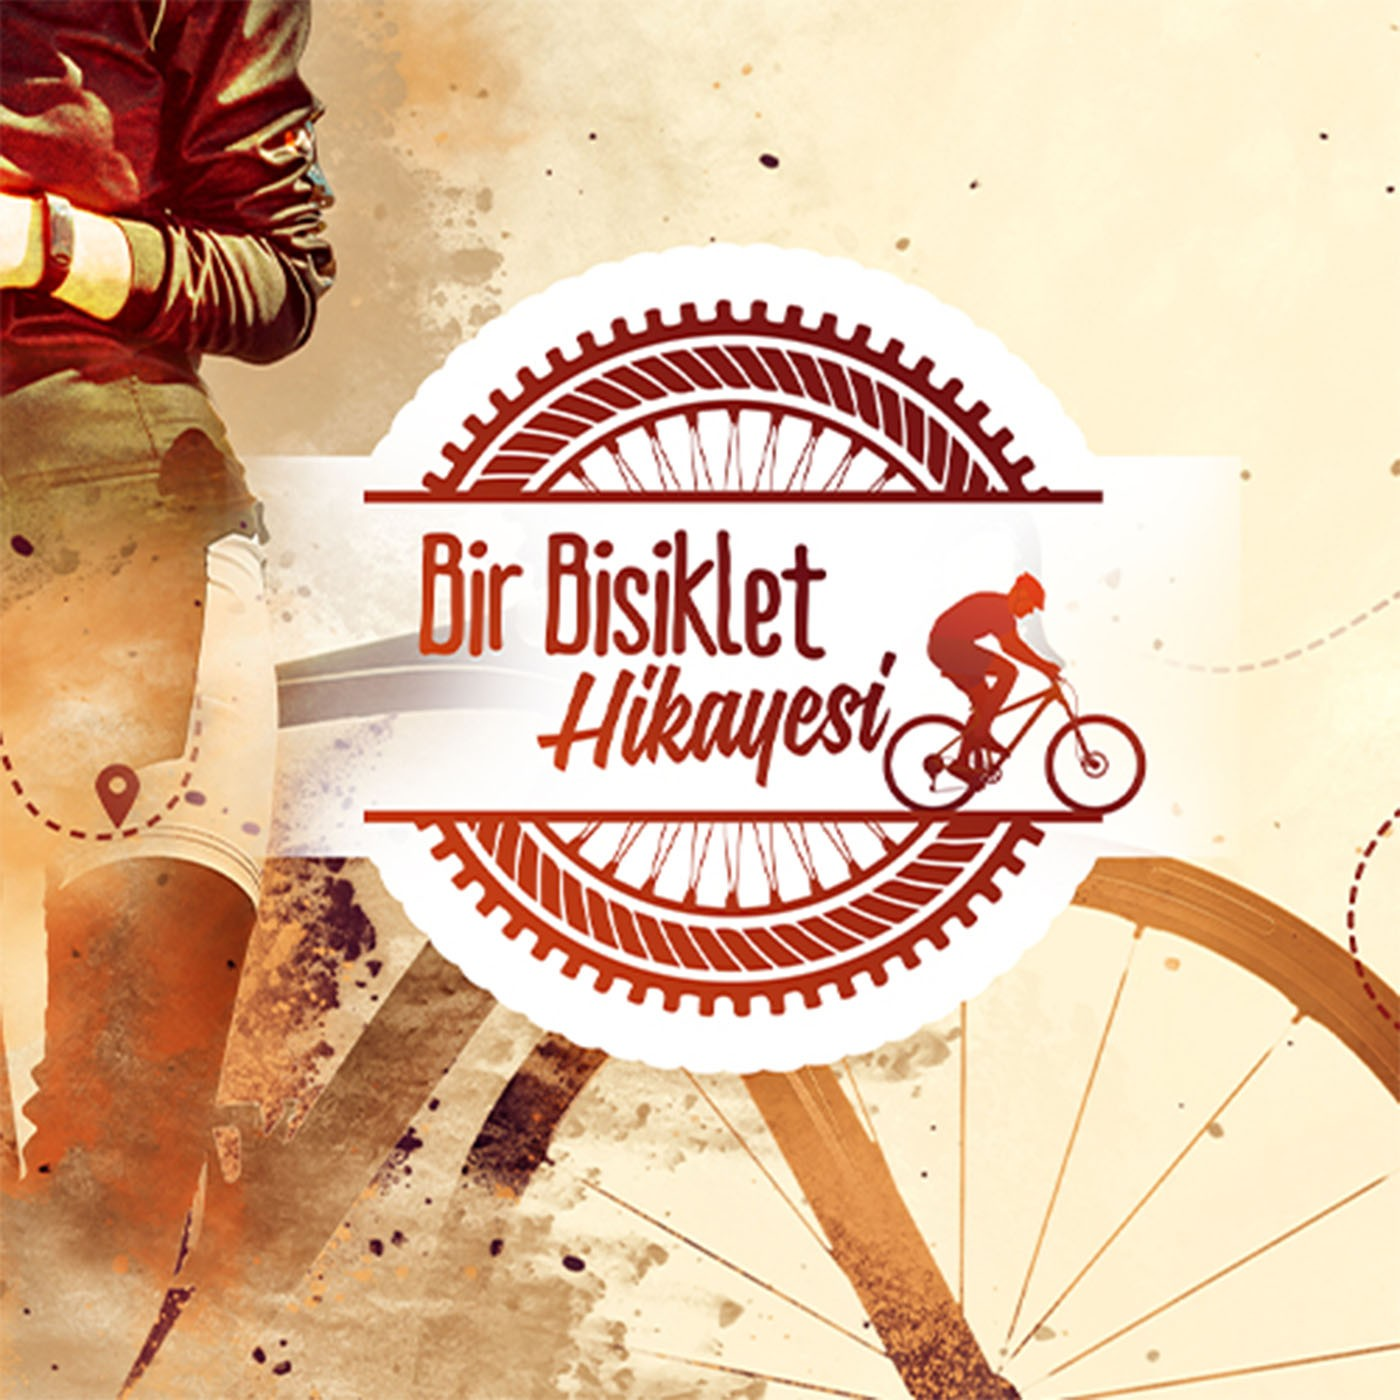 Bisikletlilerin Hac Yolu